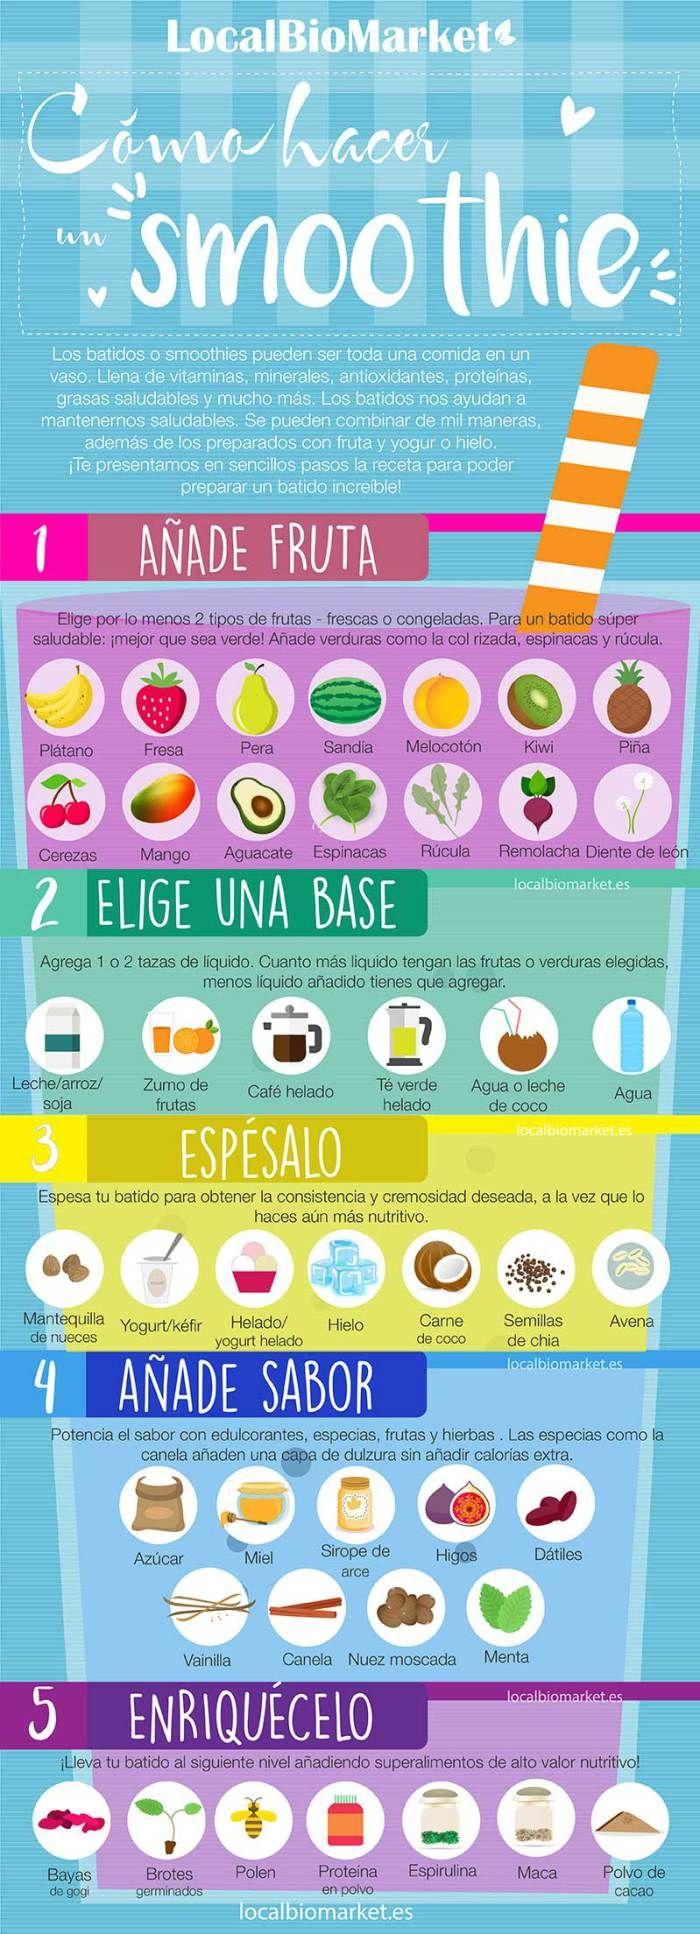 #Recetas de #Batidos y #smoothies. Cómo hacer un batido de frutas y verduras supersano con topping de #superalimentos o #superfoods. #ZumosVerdes #PásateAlLadoVerde #ColdPress #Licuadora #Exprimidor #MasticatingJuicer #SlowJuicer #Juissen #Prensadoenfrío #Nutricion #Batido #Heladocasero #Zumo #Alcalinizar #Alcalinizante